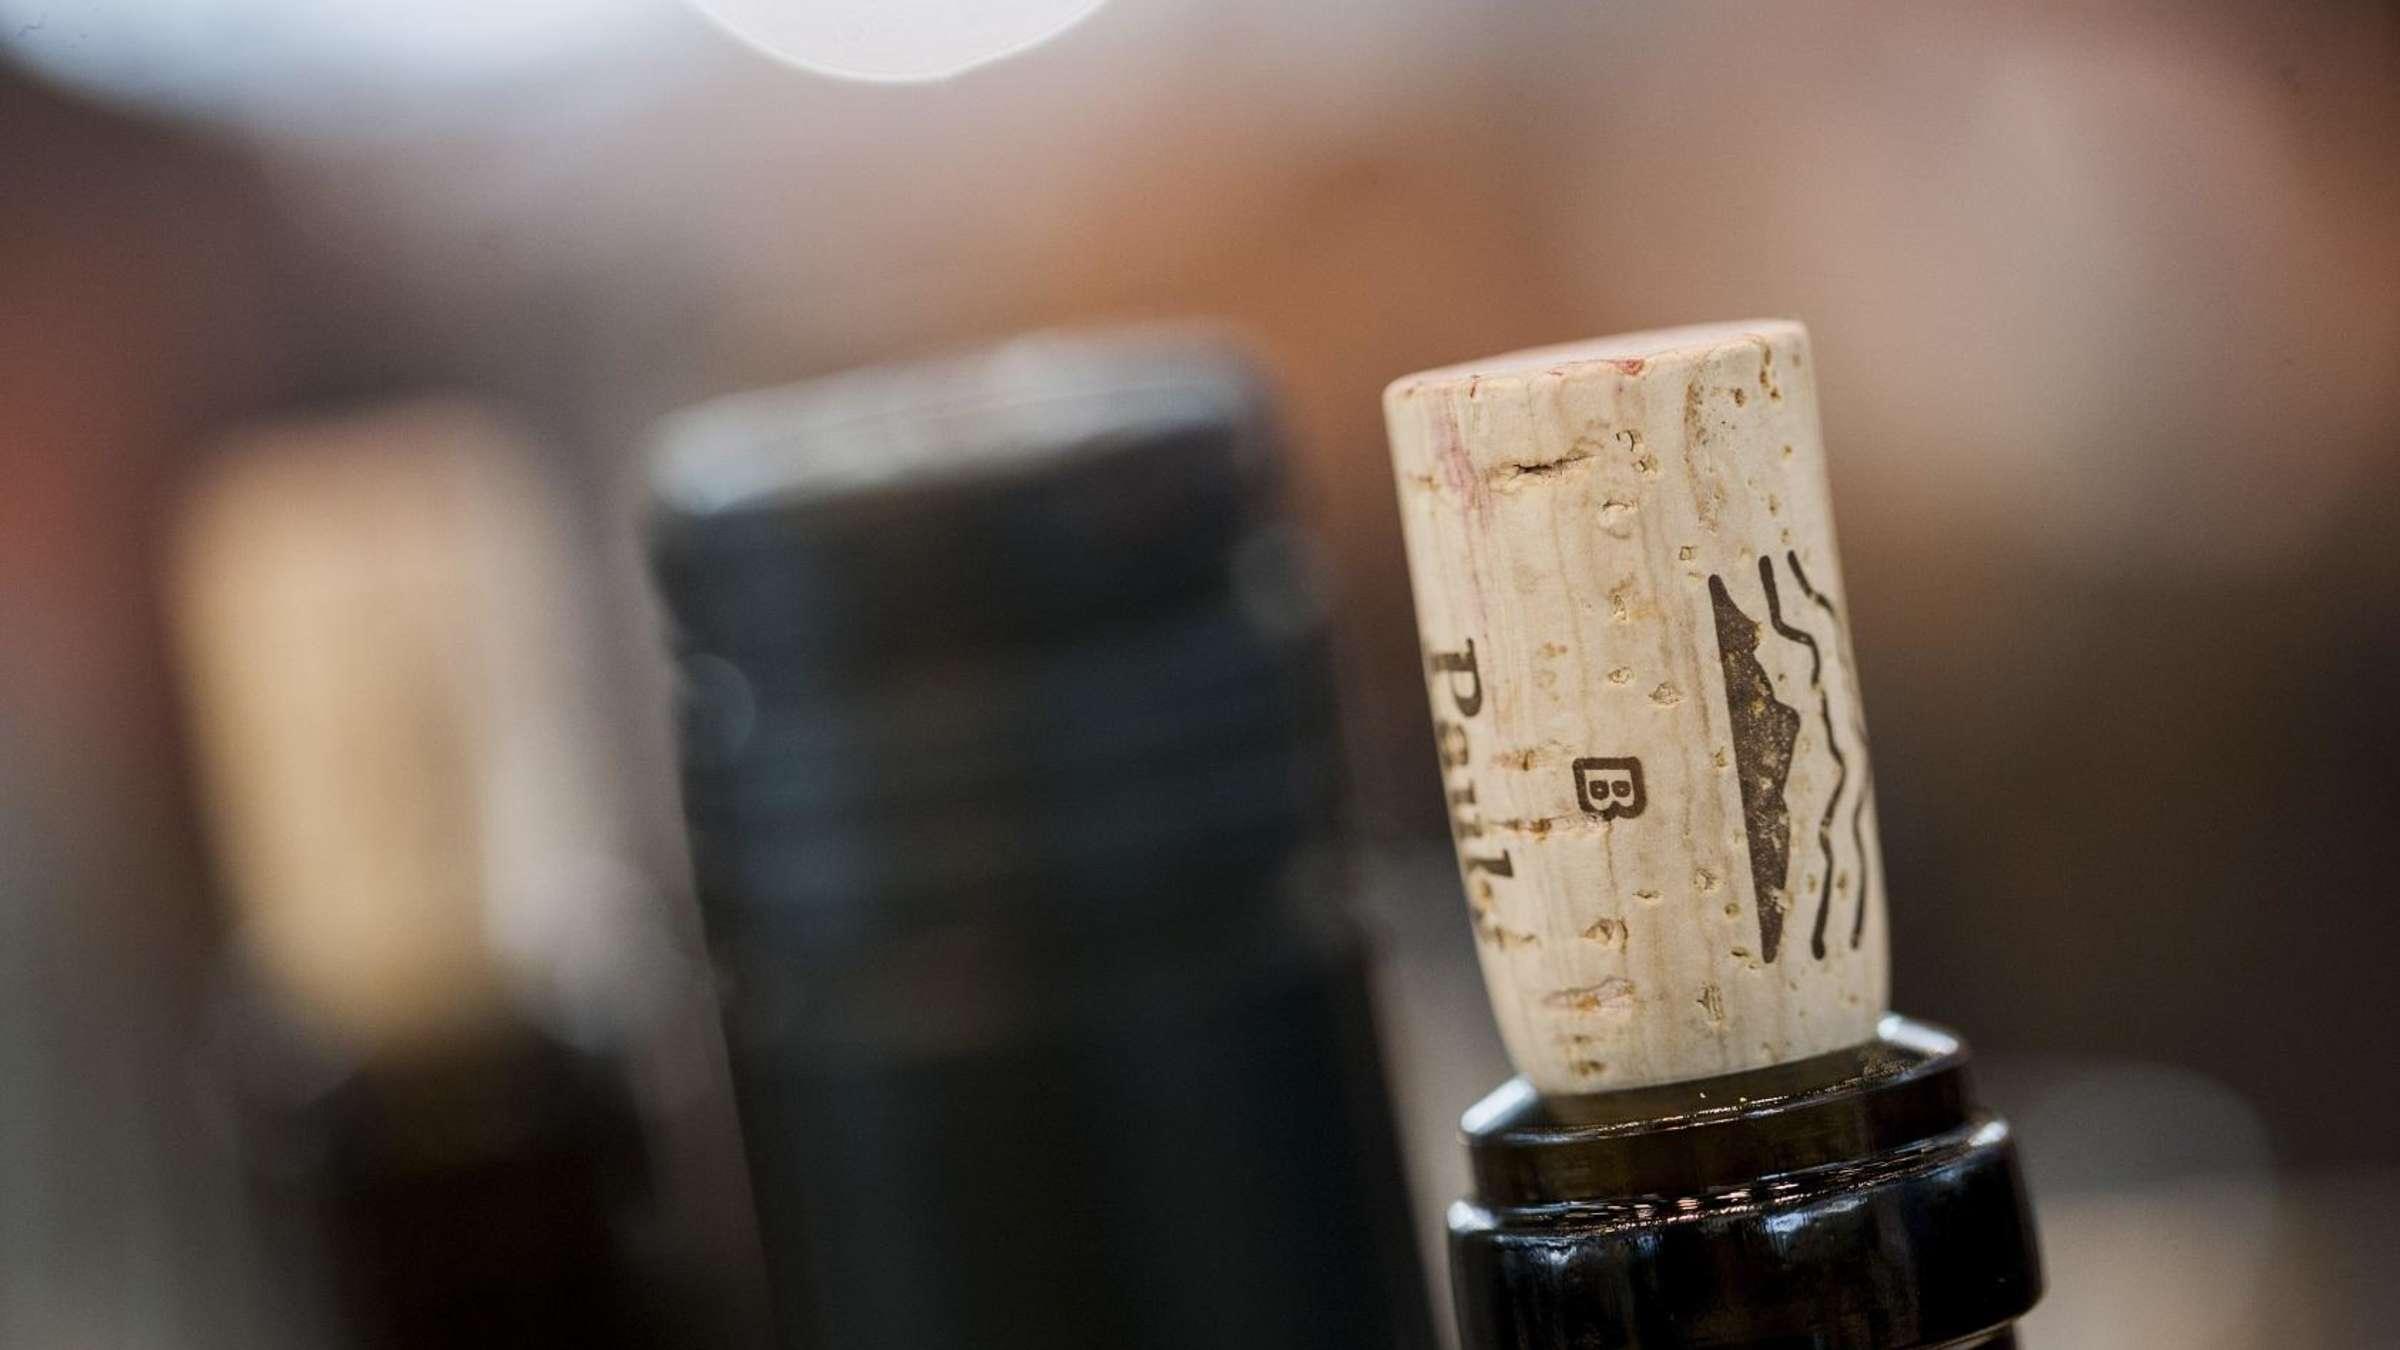 flasche öffnen ohne korkenzieher